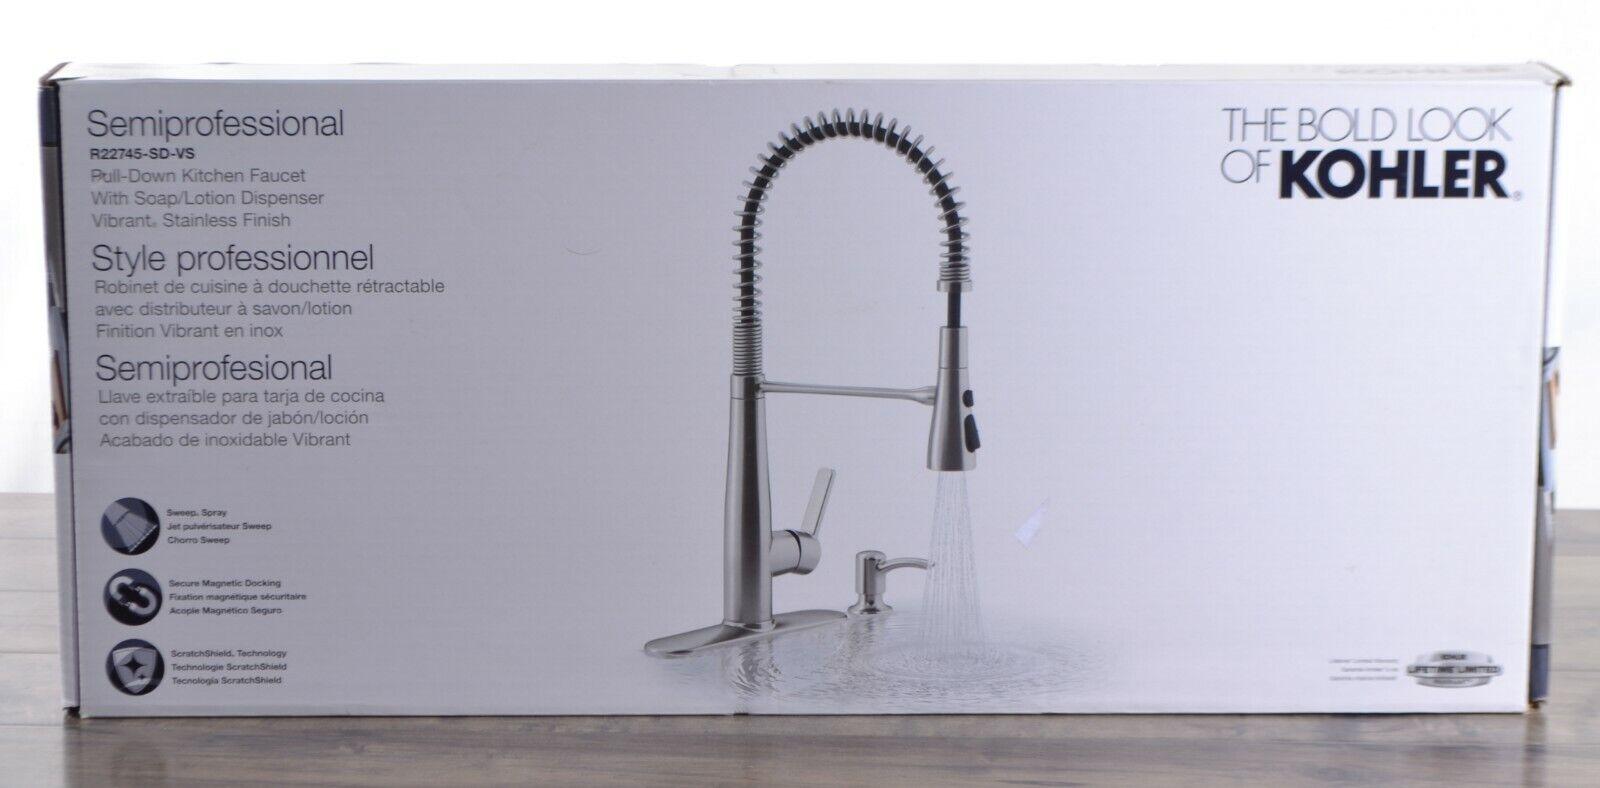 Kohler Semiprofessional Pull-Down Stainless Steel Kitchen Faucet Soap  Dispenser